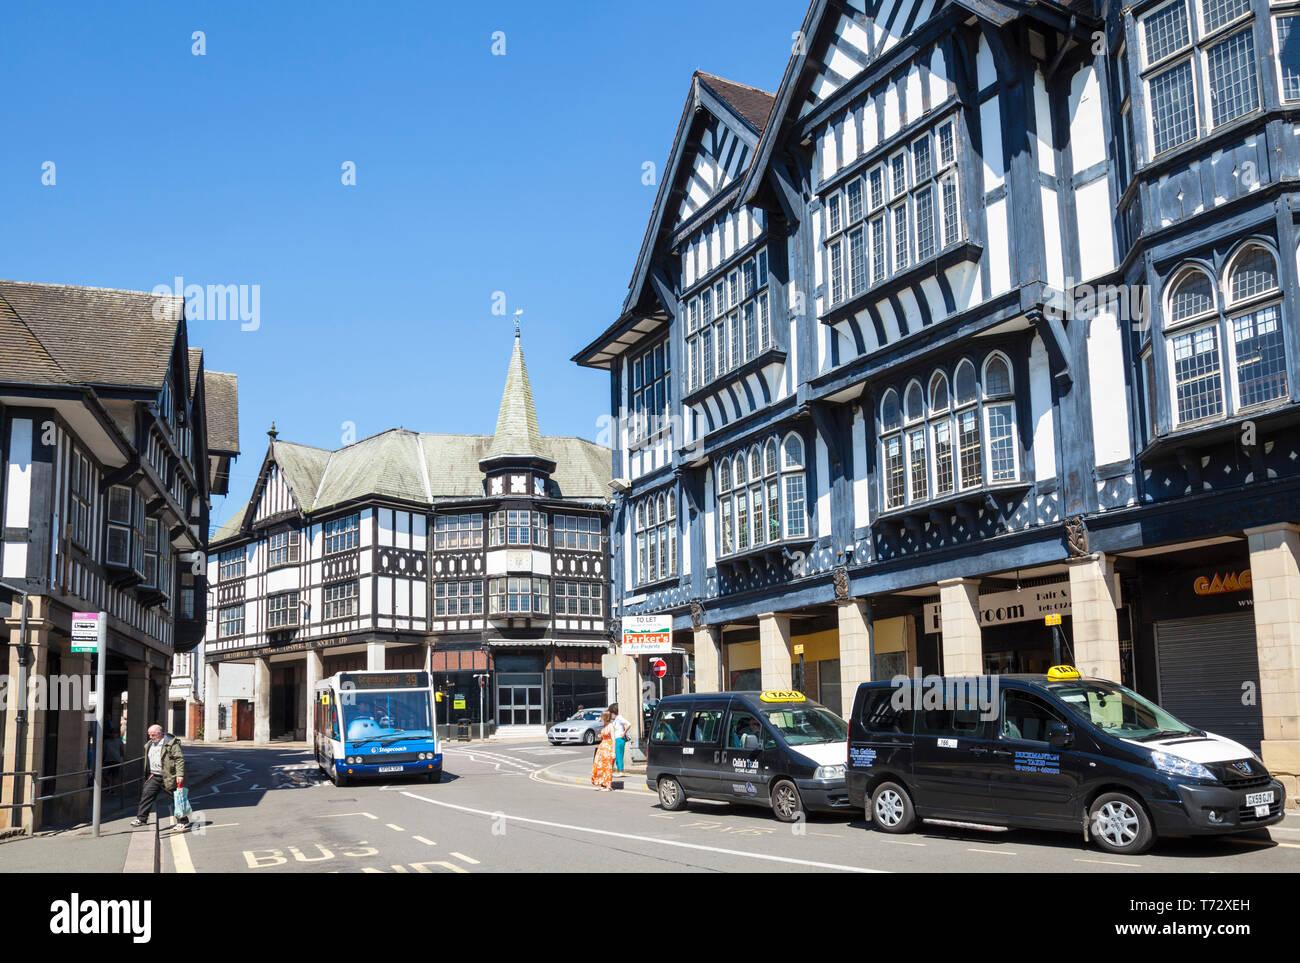 Casco histórico de edificios con entramado de madera y tiendas en el centro de la ciudad de Chesterfield Knifesmithgate Chesterfield, Derbyshire, Inglaterra GB UK Europa Imagen De Stock